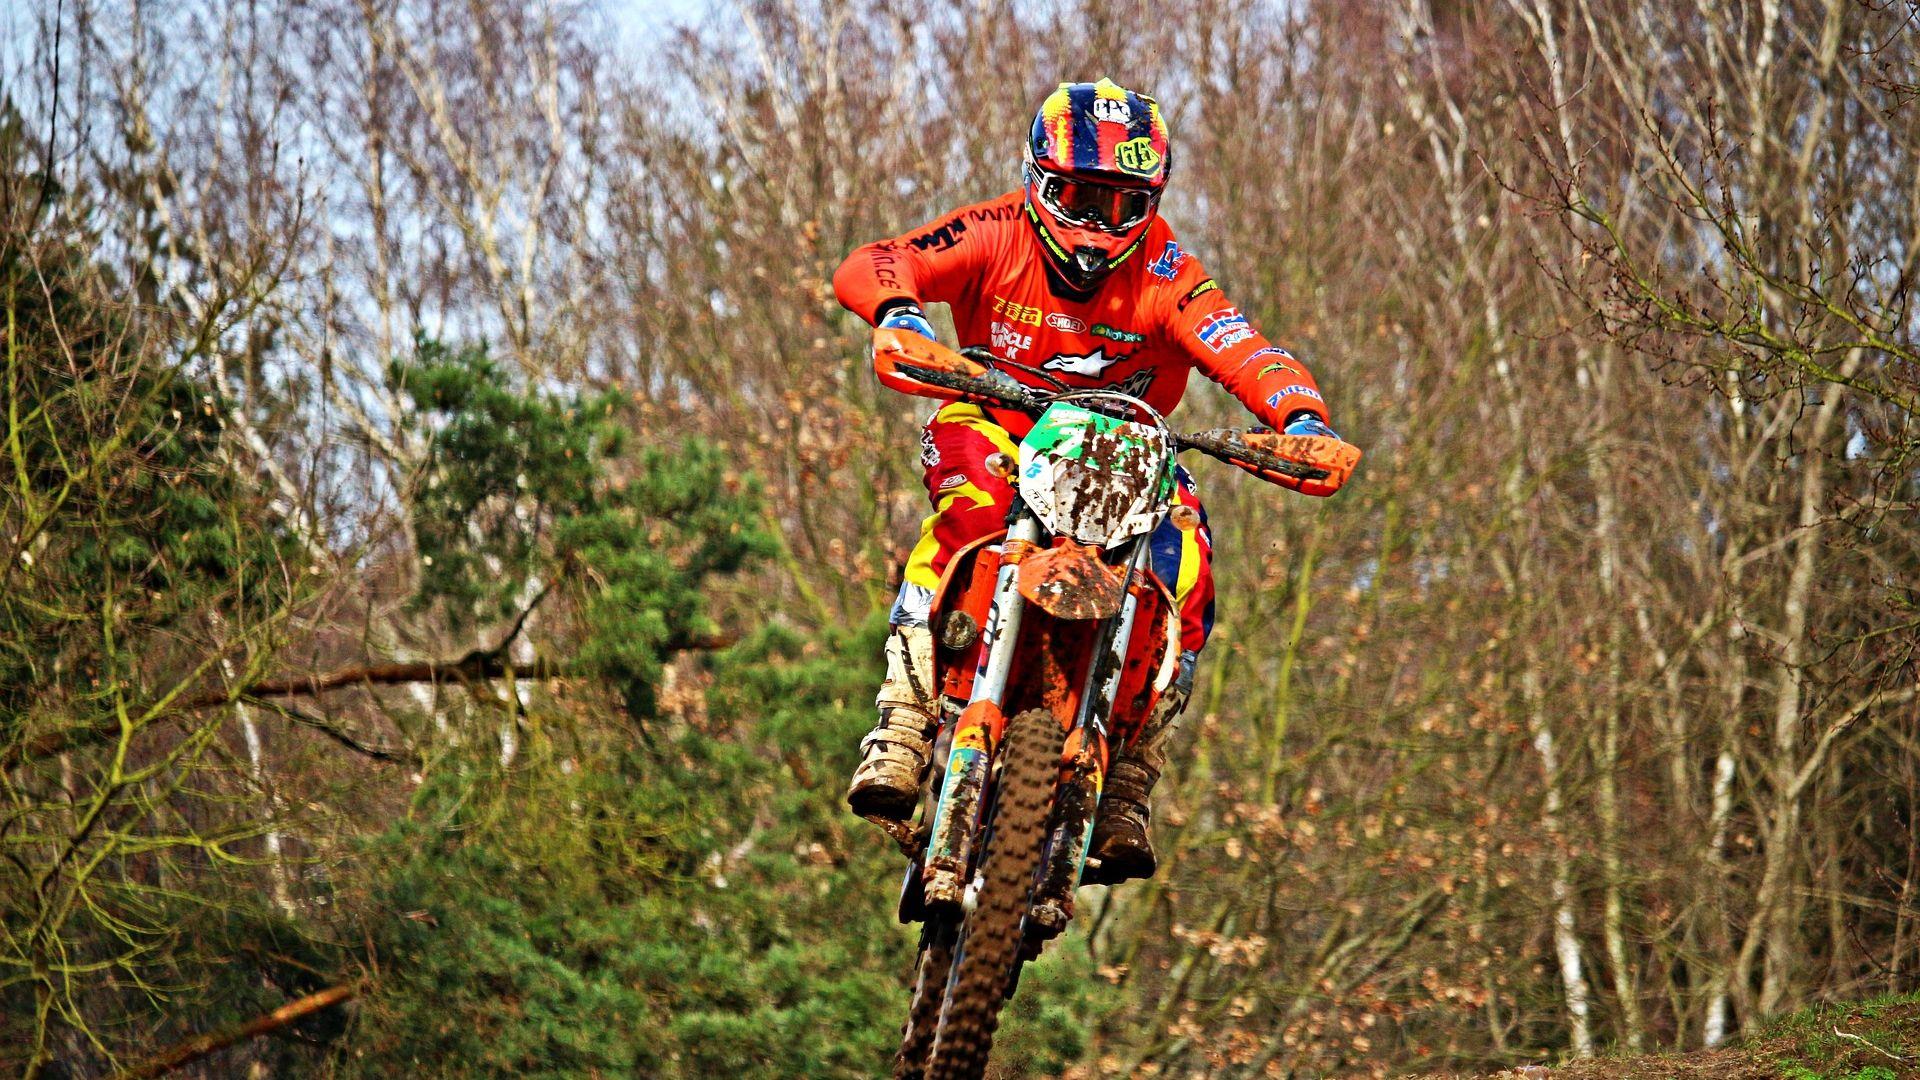 Wallpaper Motocross, bike, sports, race